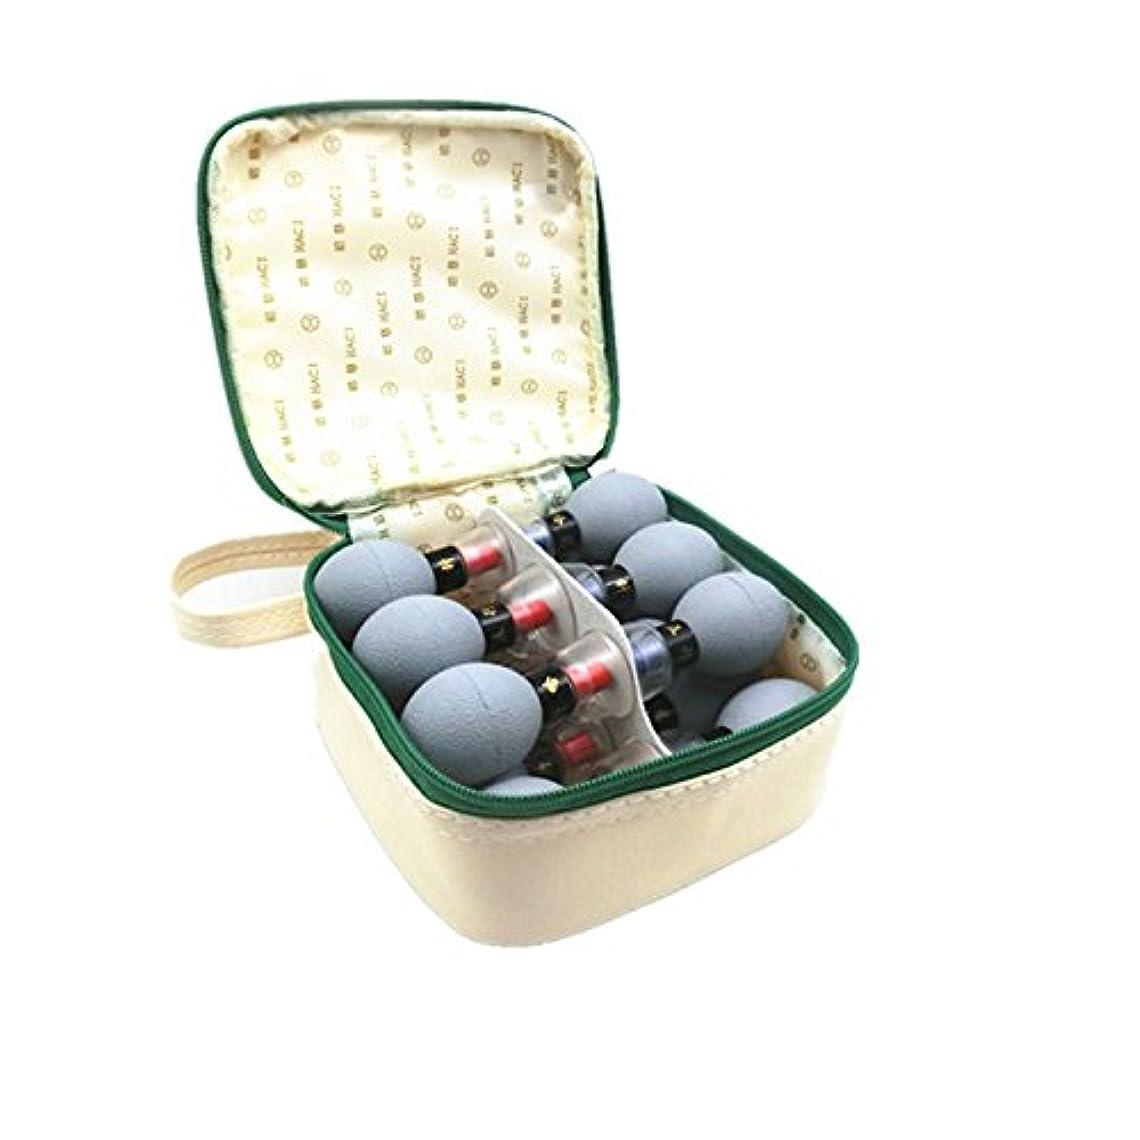 ラッカスプランターとティーム家庭用真空磁気療法指圧吸引カップTCM鍼灸治療用マッサージヘルスケアセット